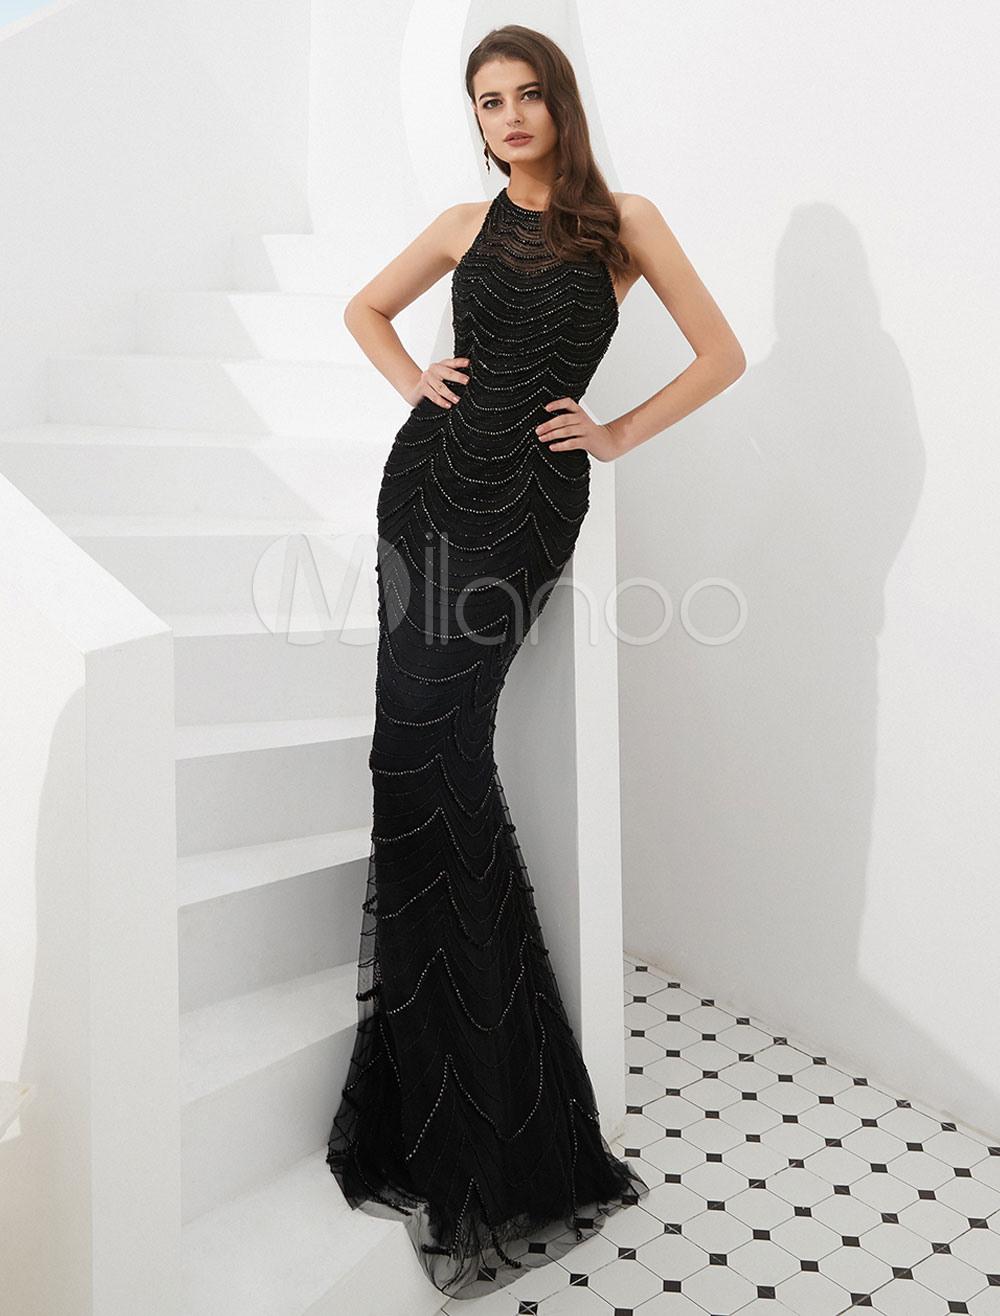 Abend Einfach Schwarze Abend Kleider Bester PreisFormal Schön Schwarze Abend Kleider Galerie